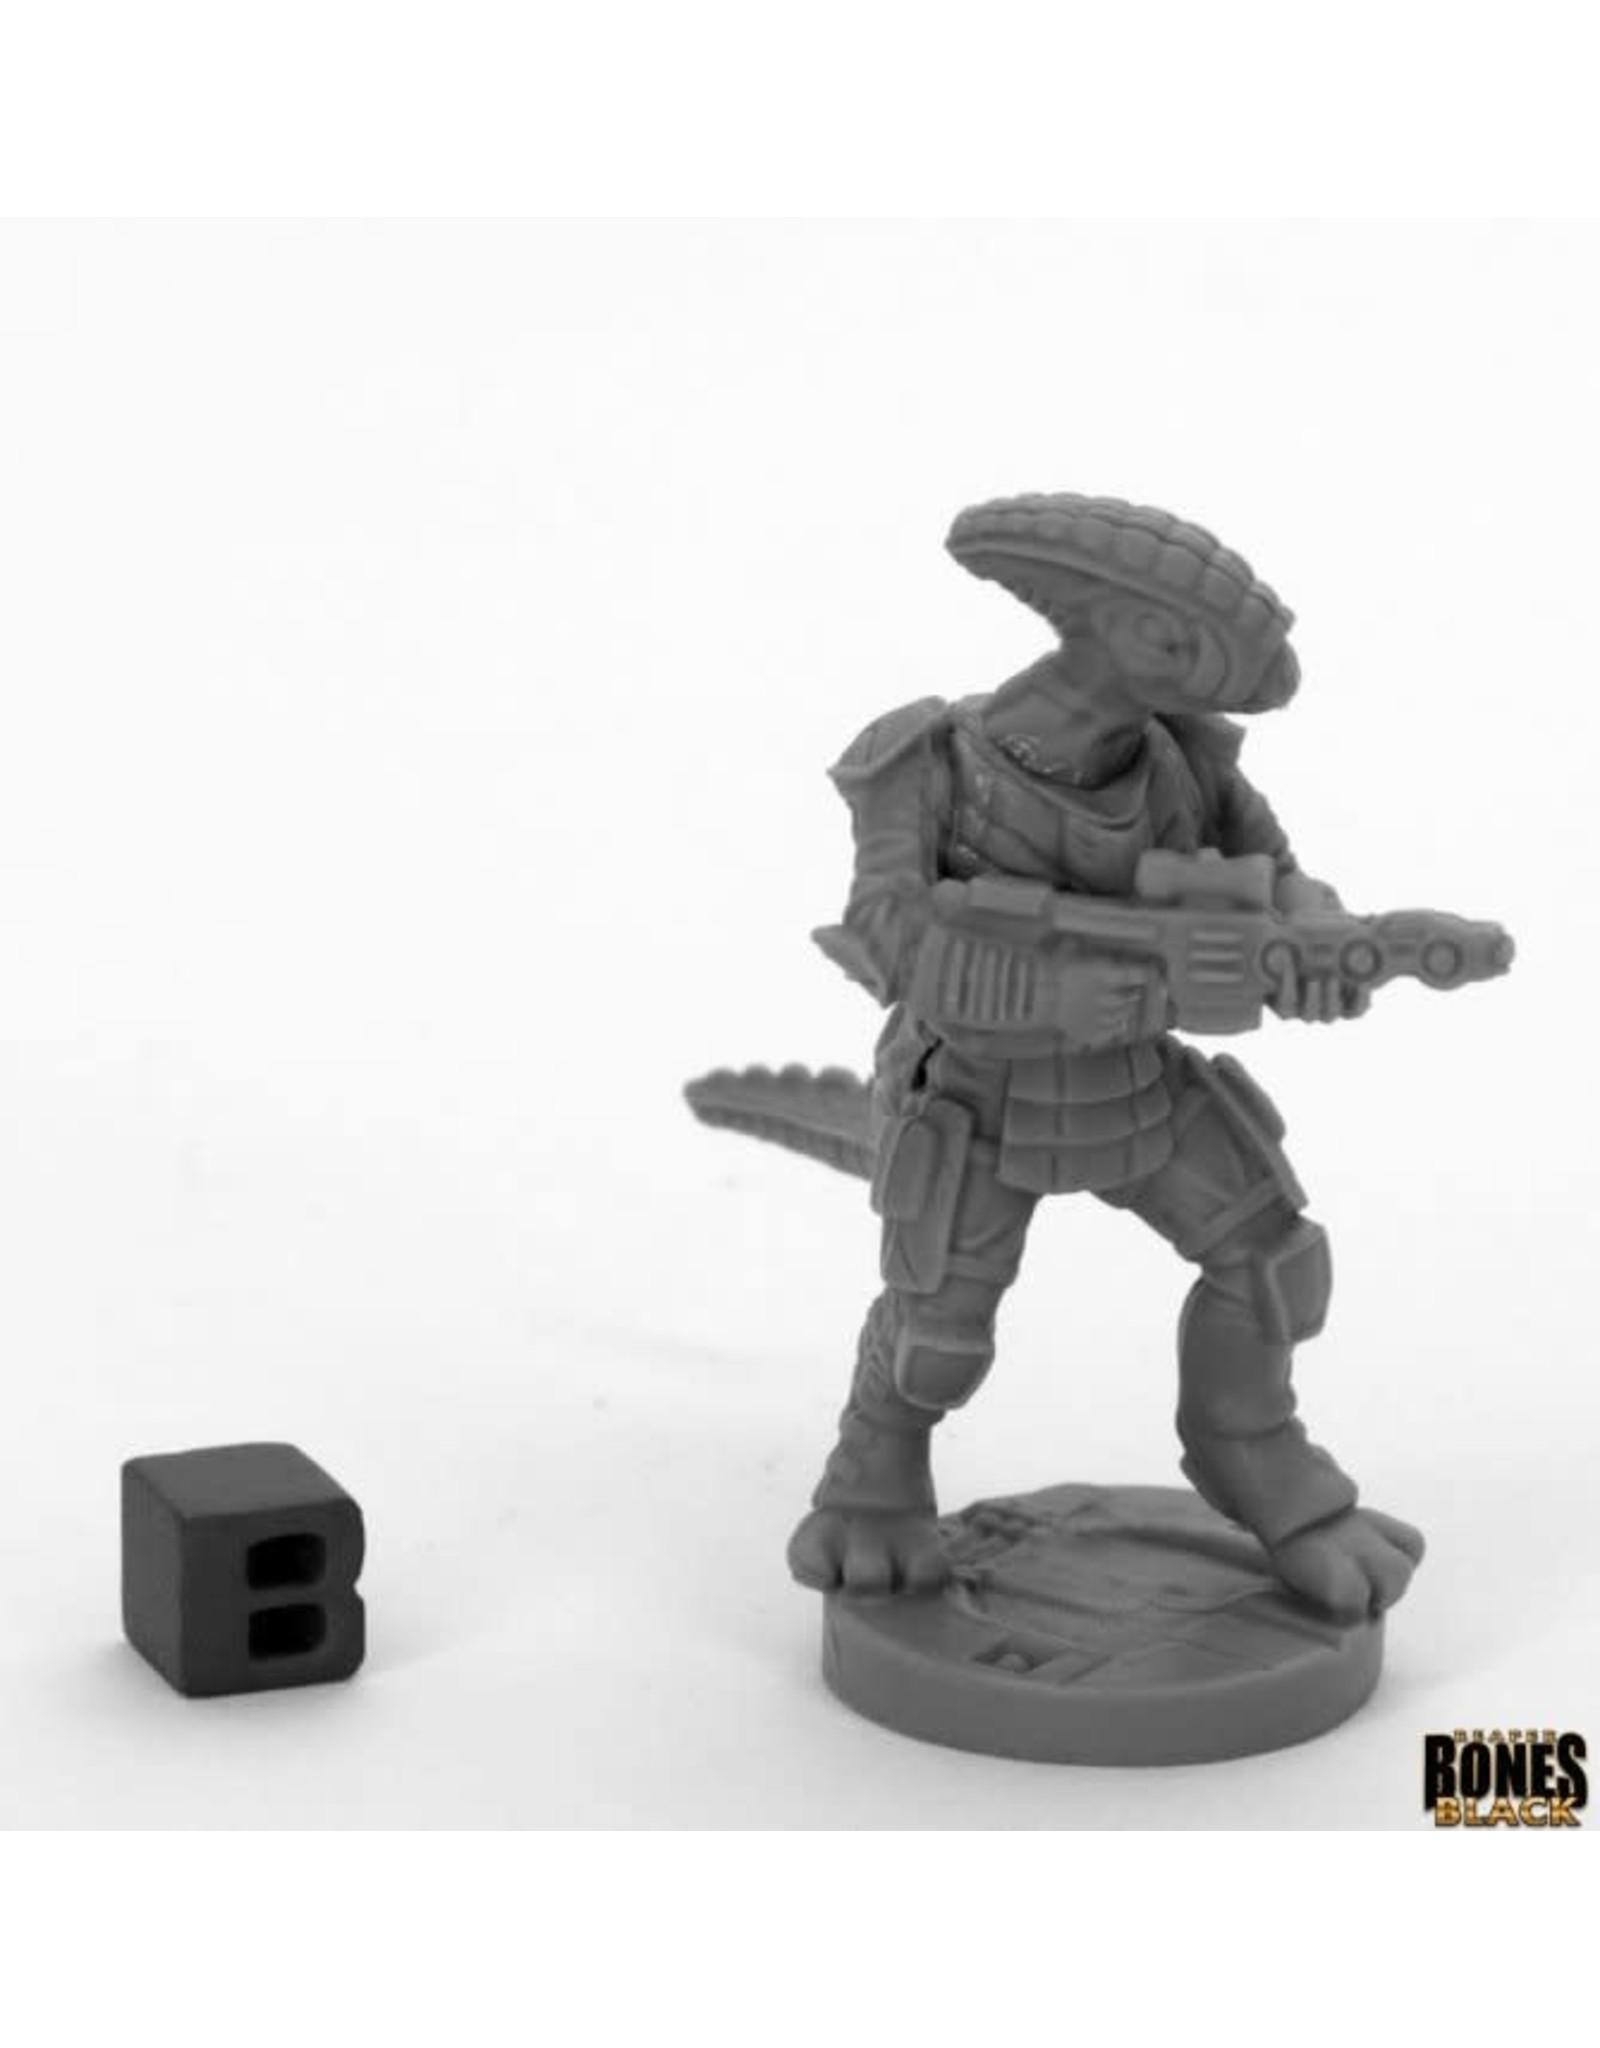 Bones Black: BLOODCREST SHARPSHOOTER